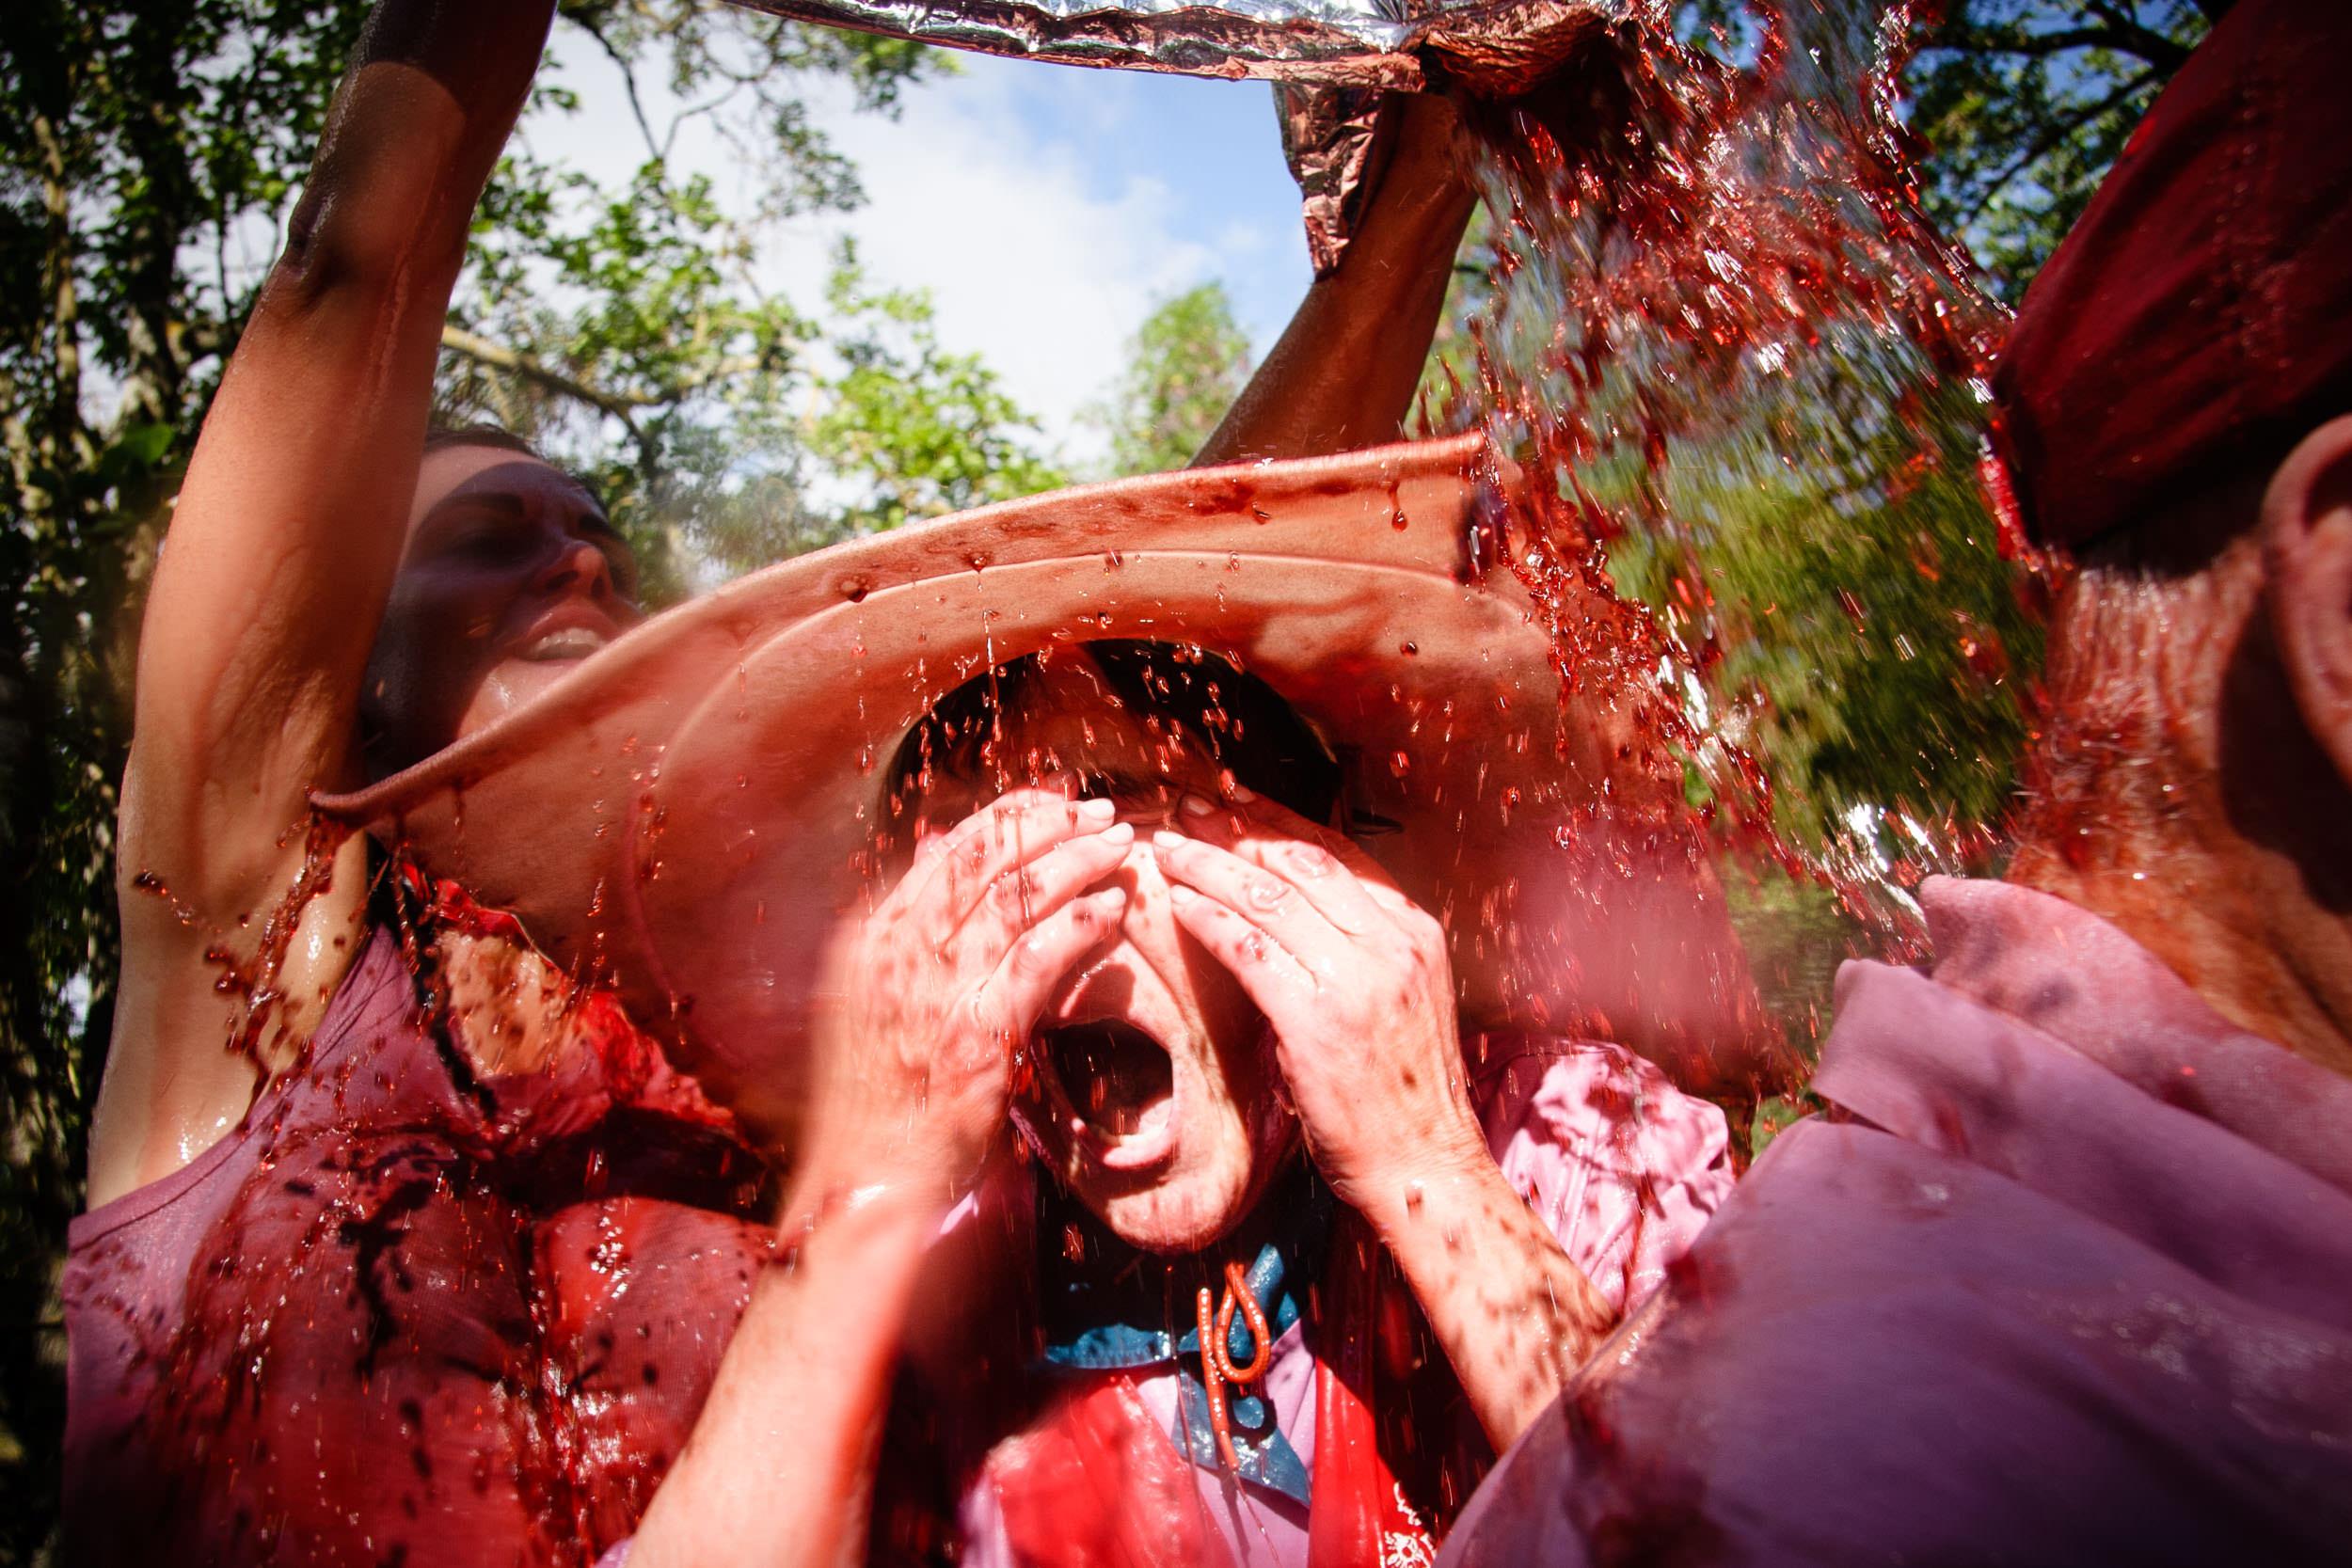 Fotografia Editorial Haro La Rioja España - La Batalla de Vino - James Sturcke Photographer | sturcke.org_008.jpg